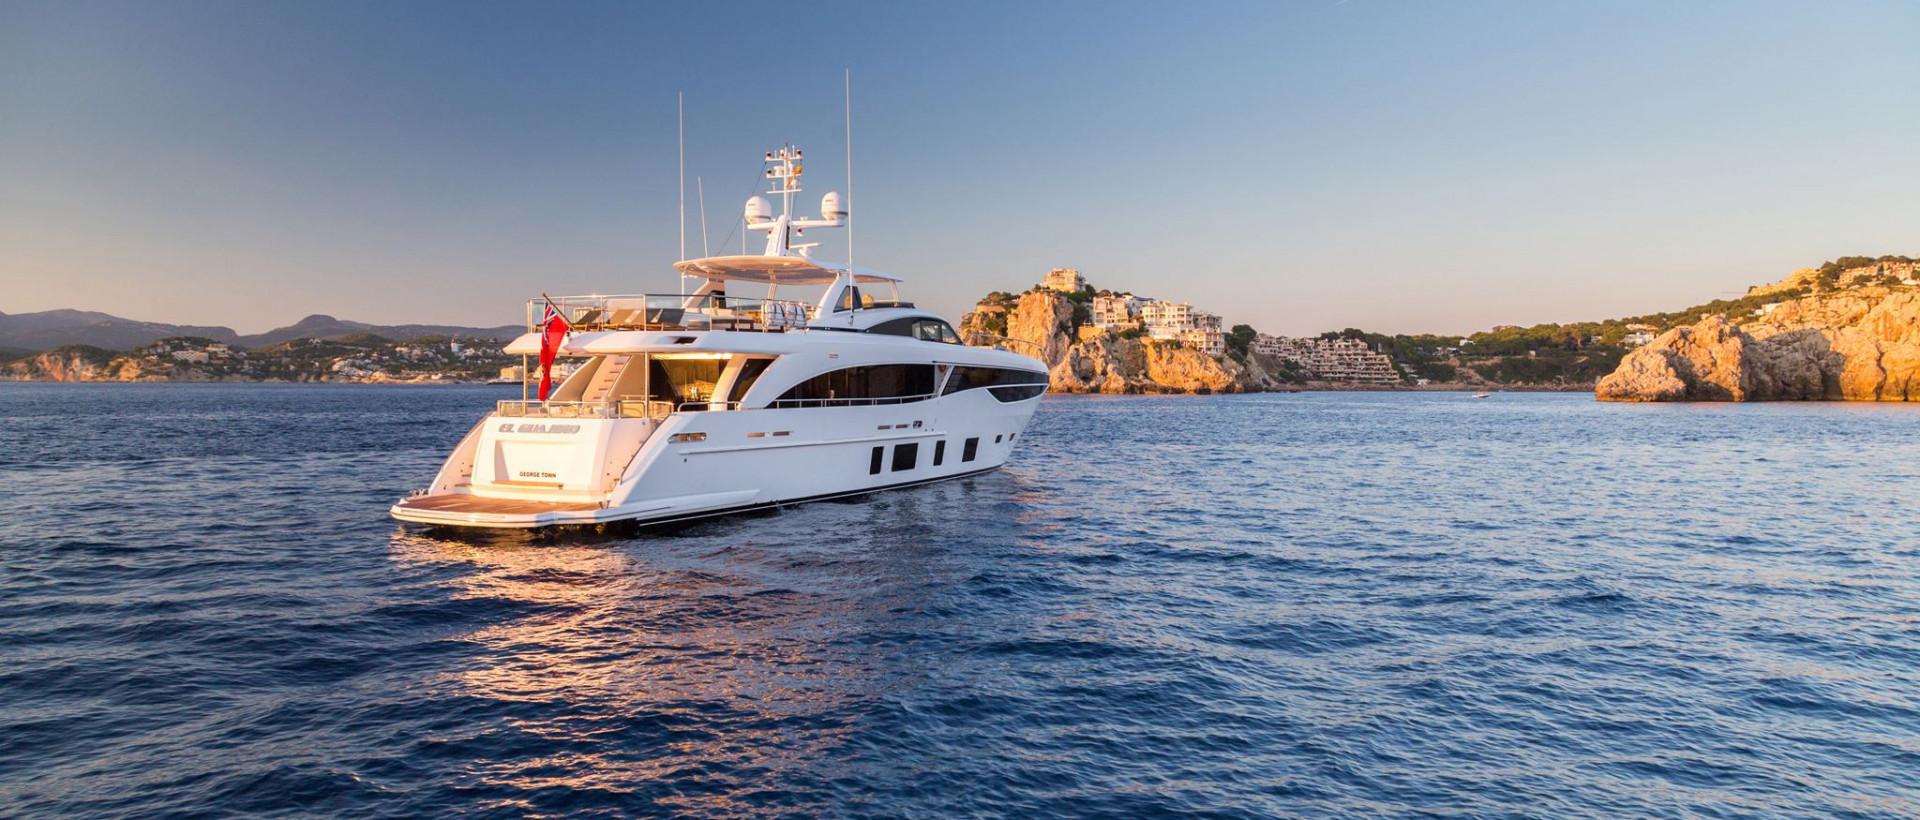 https://www.princess.fr/yacht/21/princess-35m